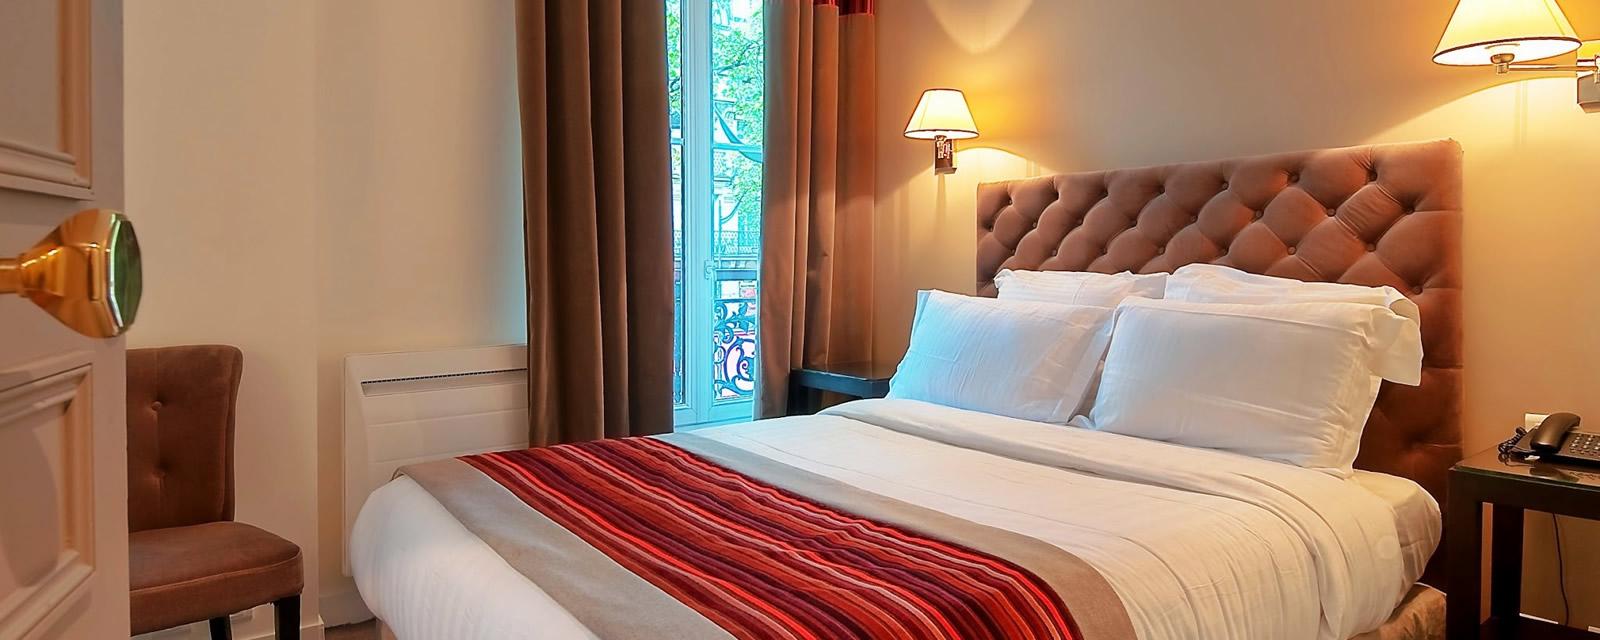 Réalisations : Hôtel Cluny Square Paris (75)